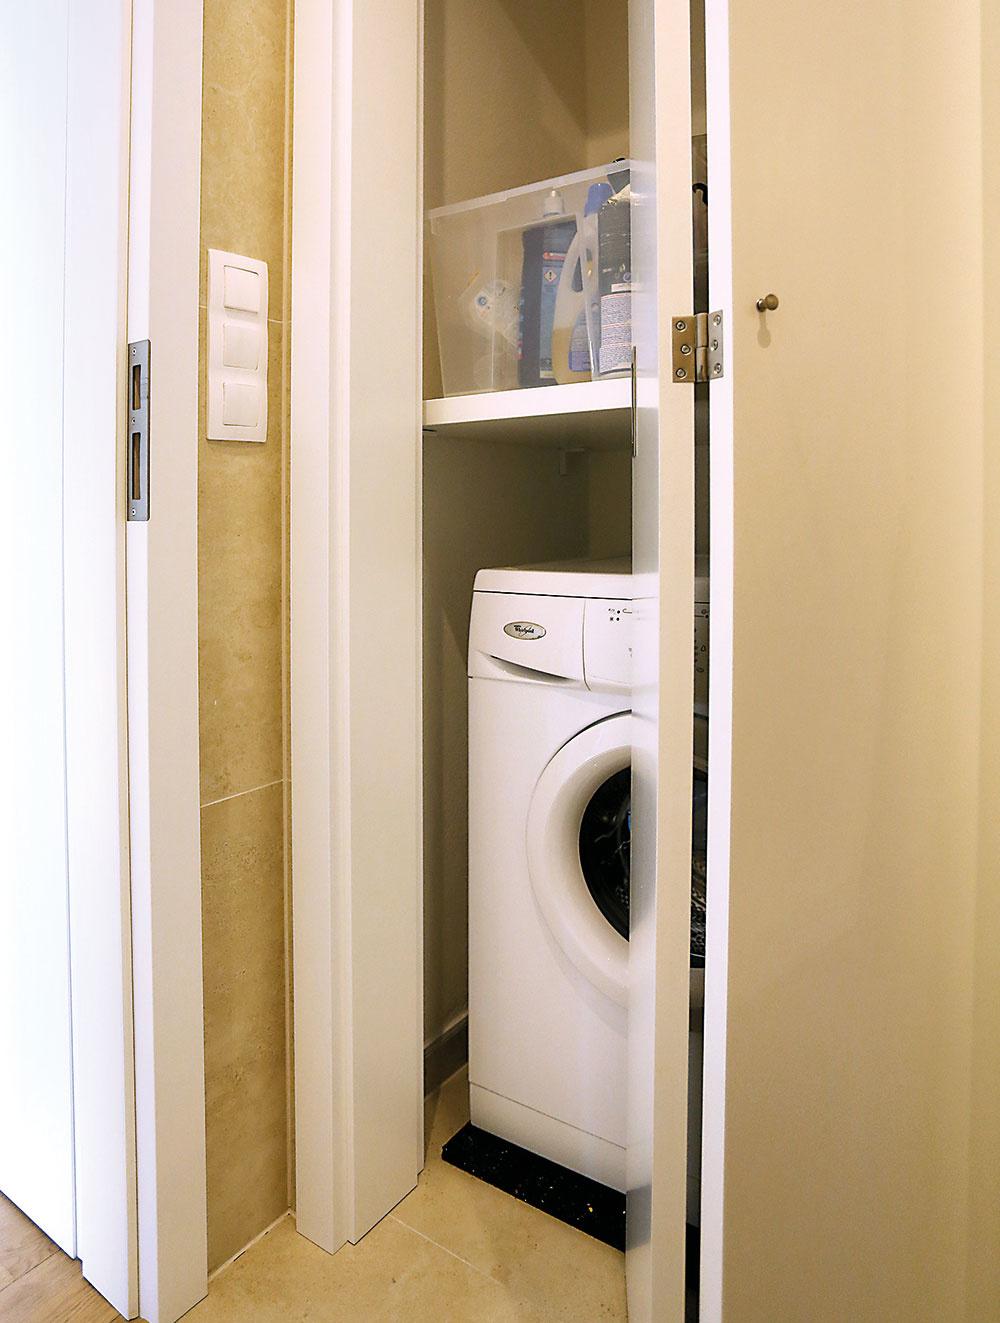 """Práčka """"nestraší"""" v kúpeľni, ale je skrytá za dverami v nike v hosťovskom WC, kde pre ňu architekt vytvoril miniatúrnu """"práčovňu""""."""